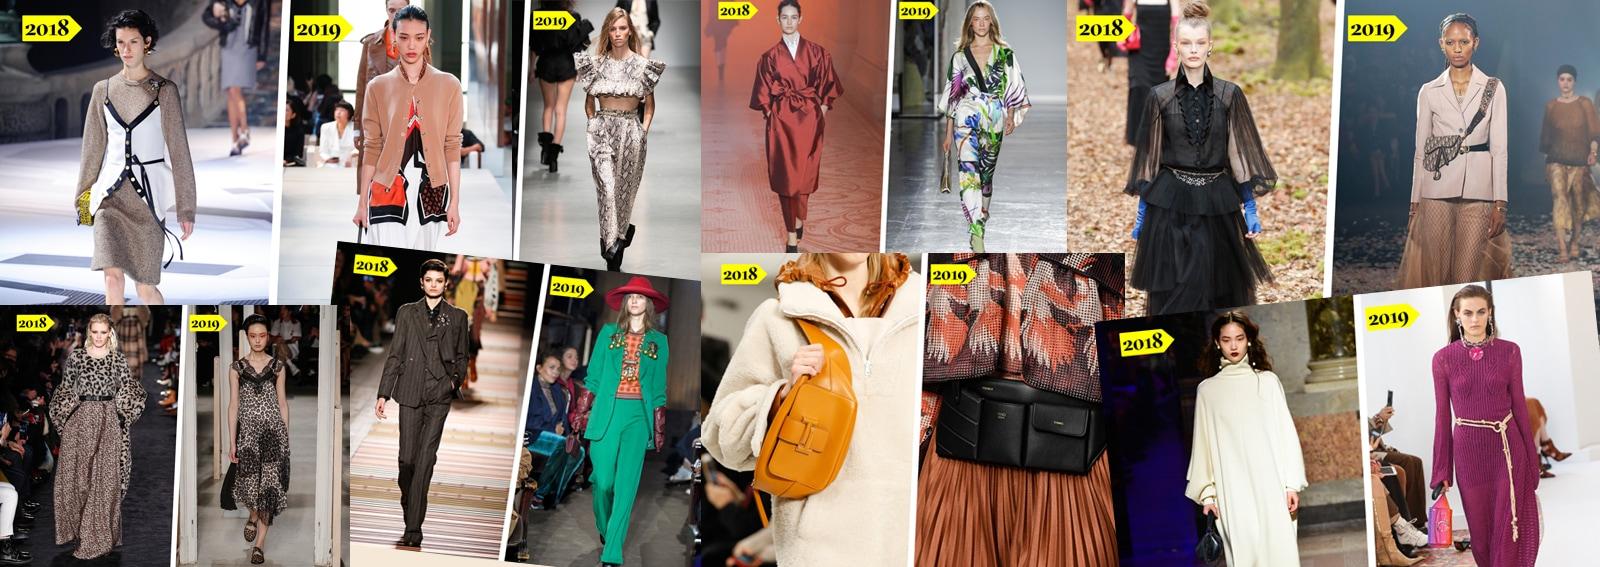 DESKTOP_trend del 2018 che indosseremo anche nel 2019